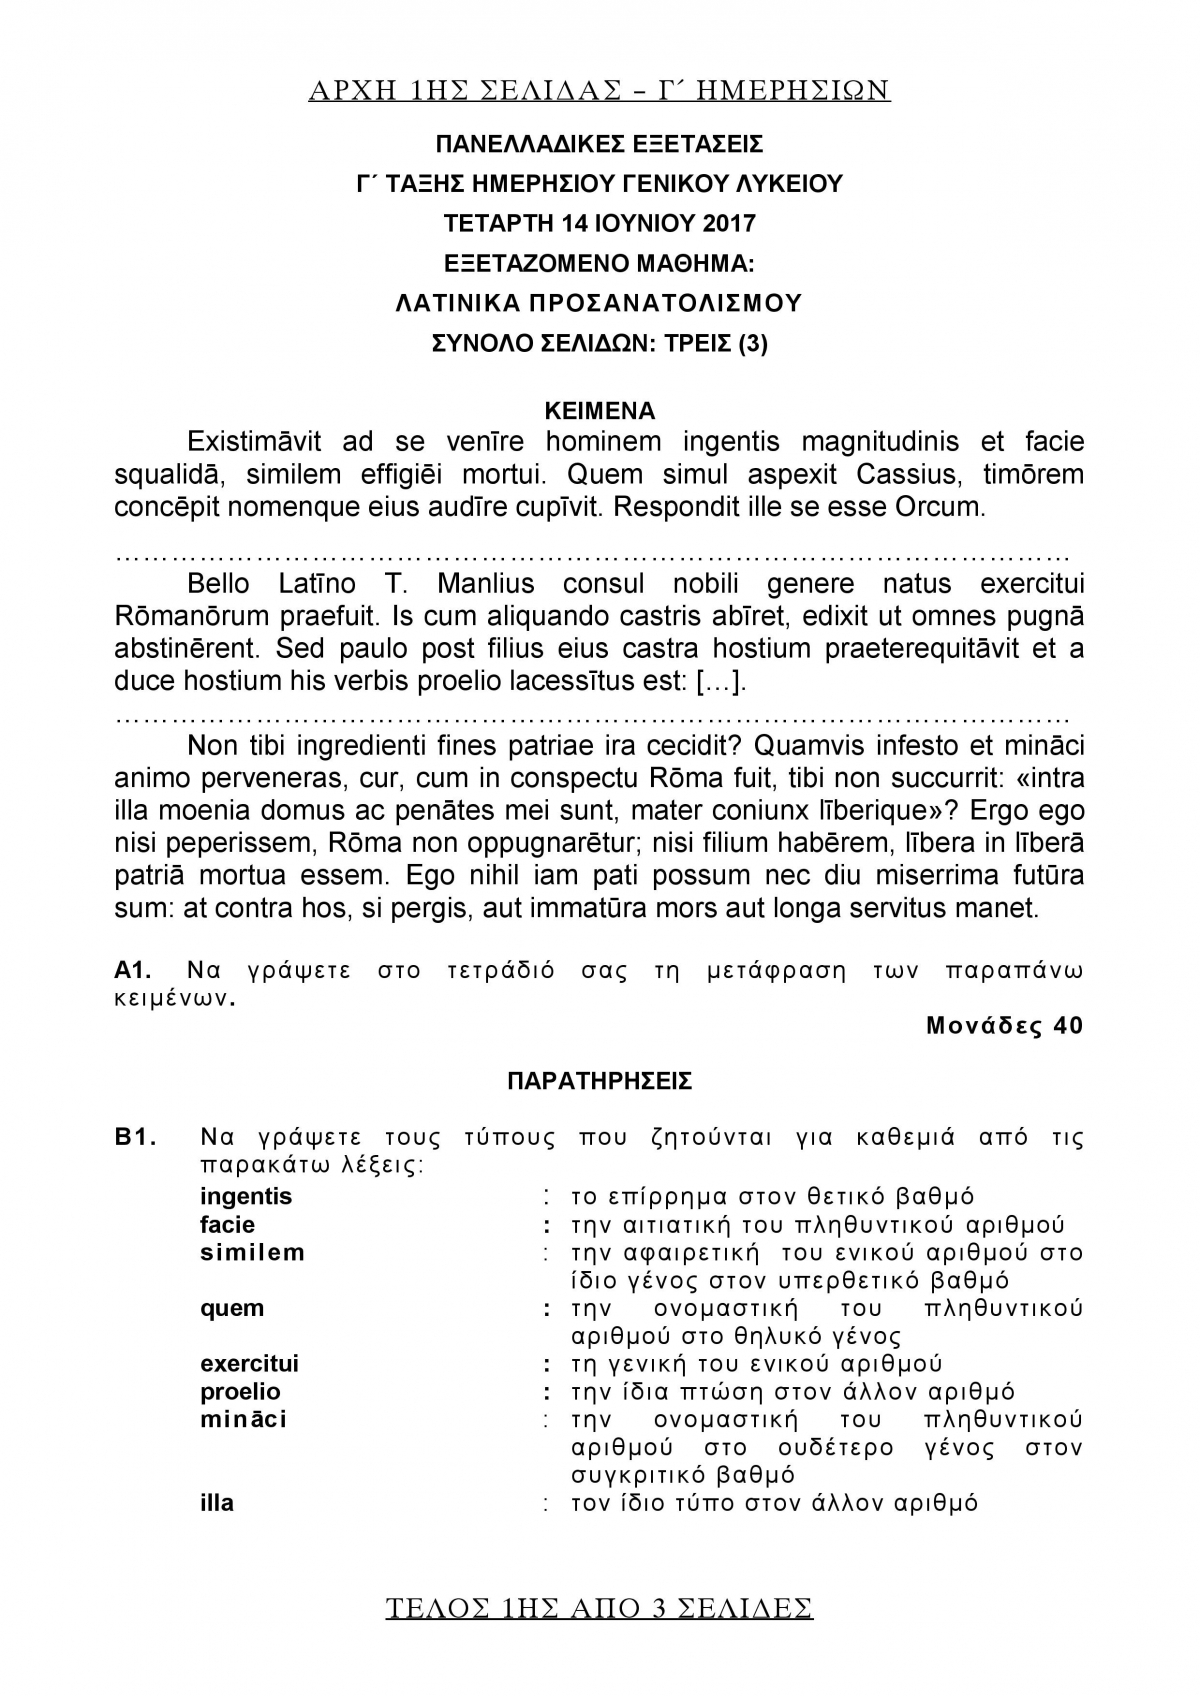 c8837209c4d8 Εδώ μπορείτε να δείτε τις προτεινόμενες απαντήσεις από τα Φροντιστήρια  Πουκαμισάς (η σελίδα ανανεώνεται συνεχώς). Δείτε τα θέματα στα Λατινικά.